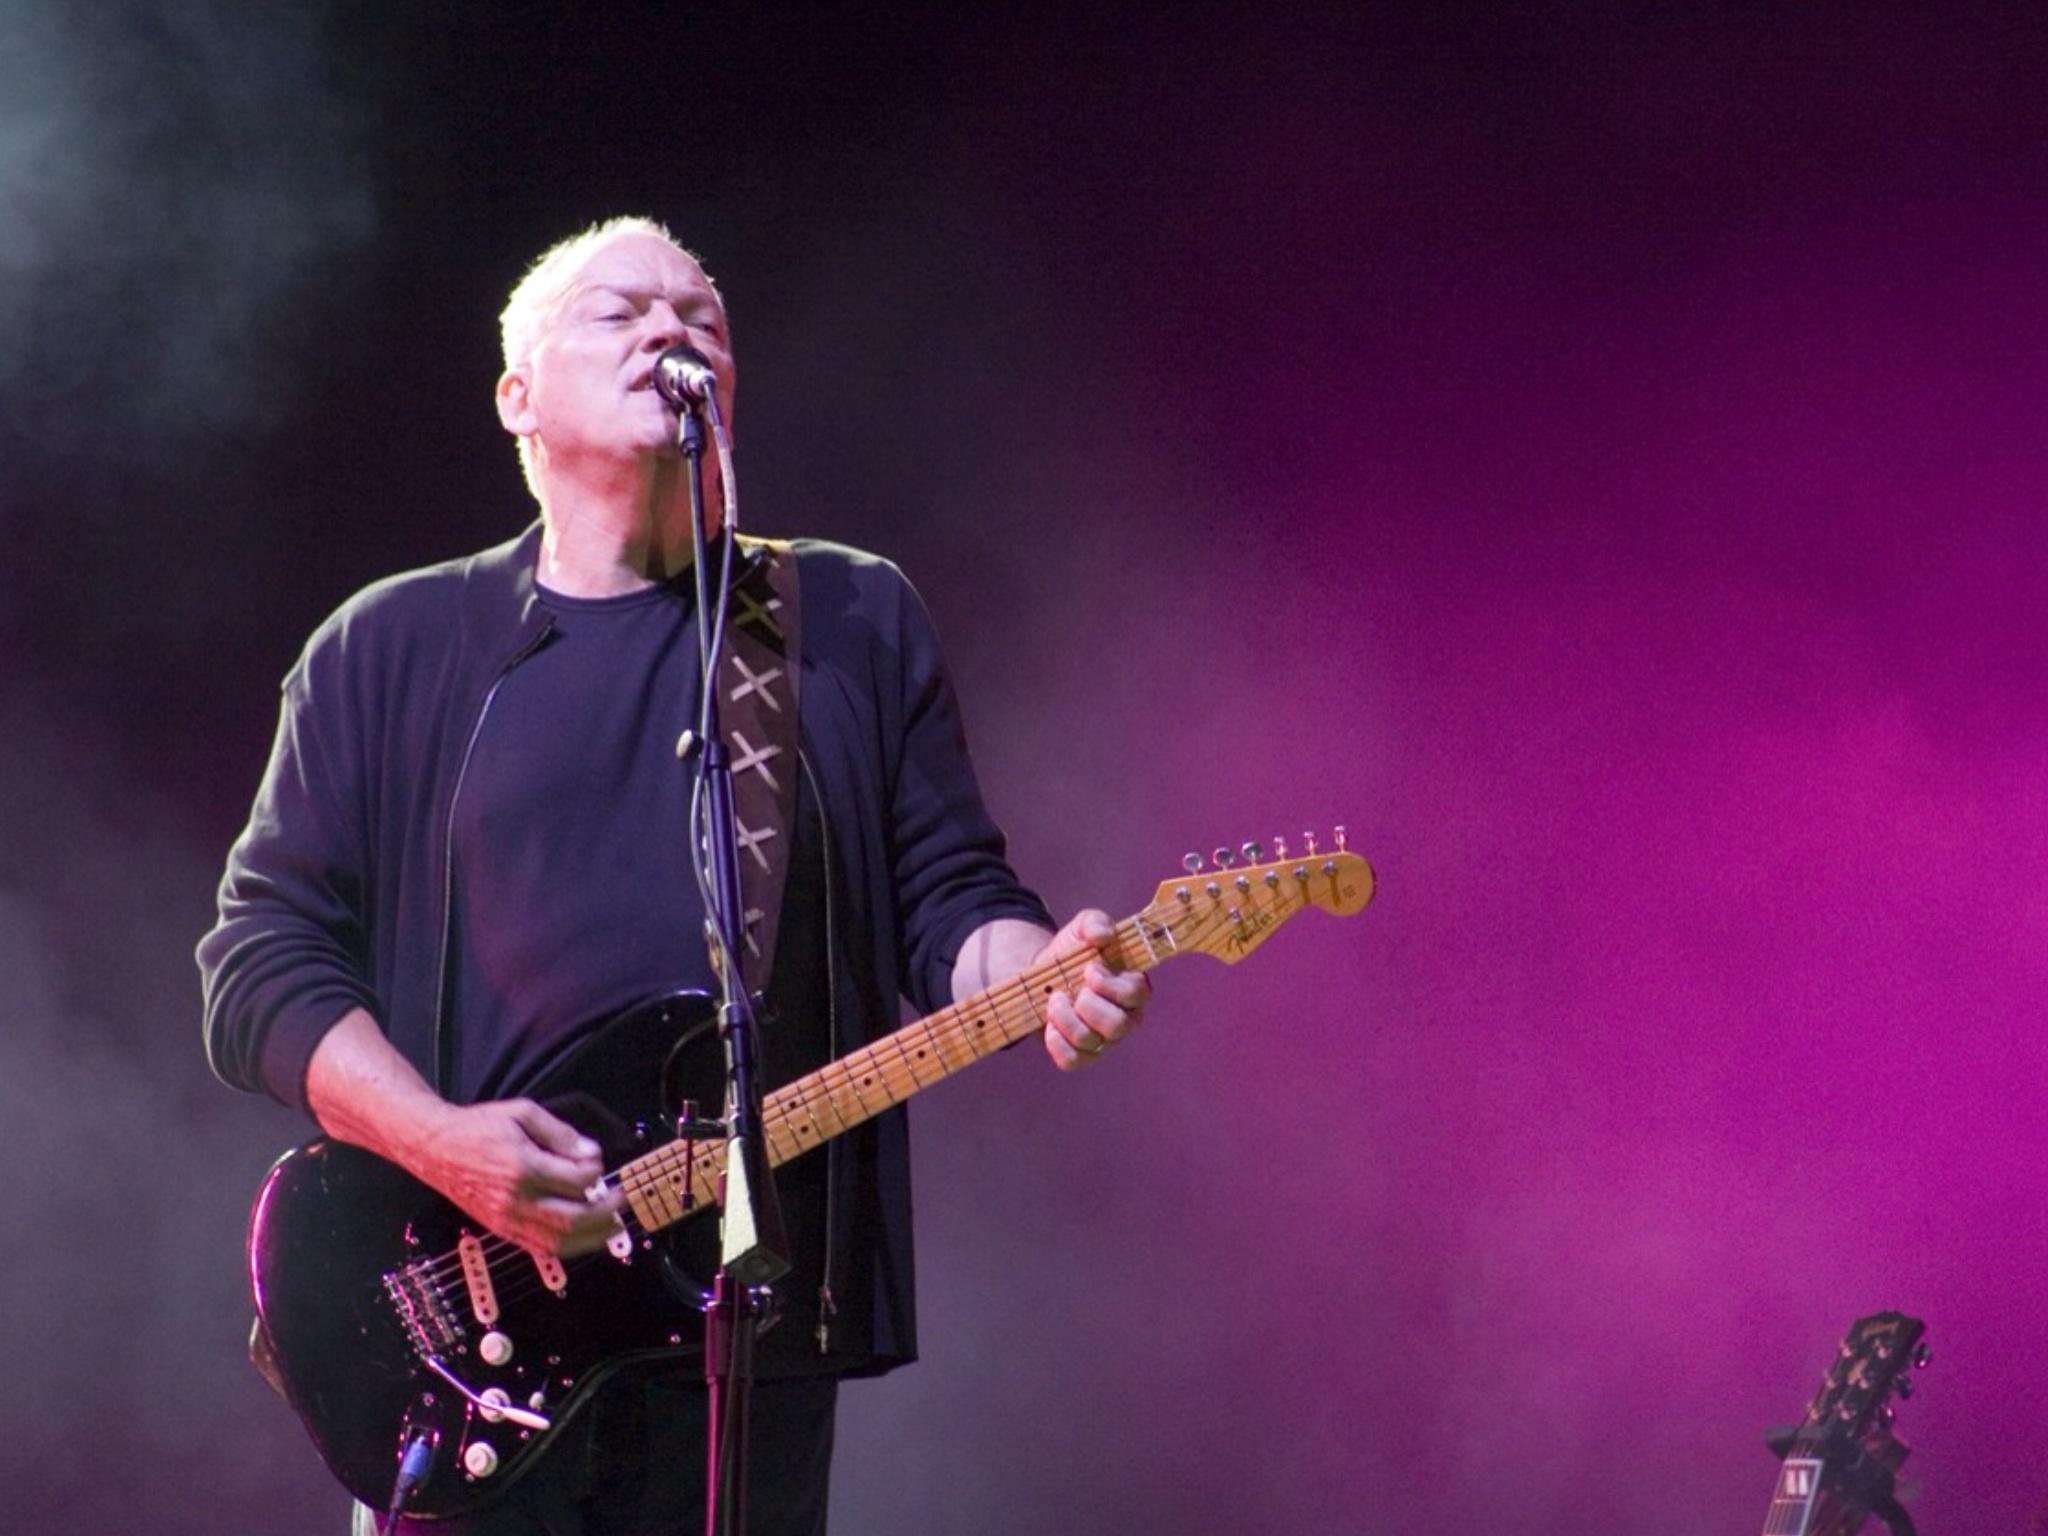 David Gilmour Fondo De Pantalla Hd Fondo De Escritorio